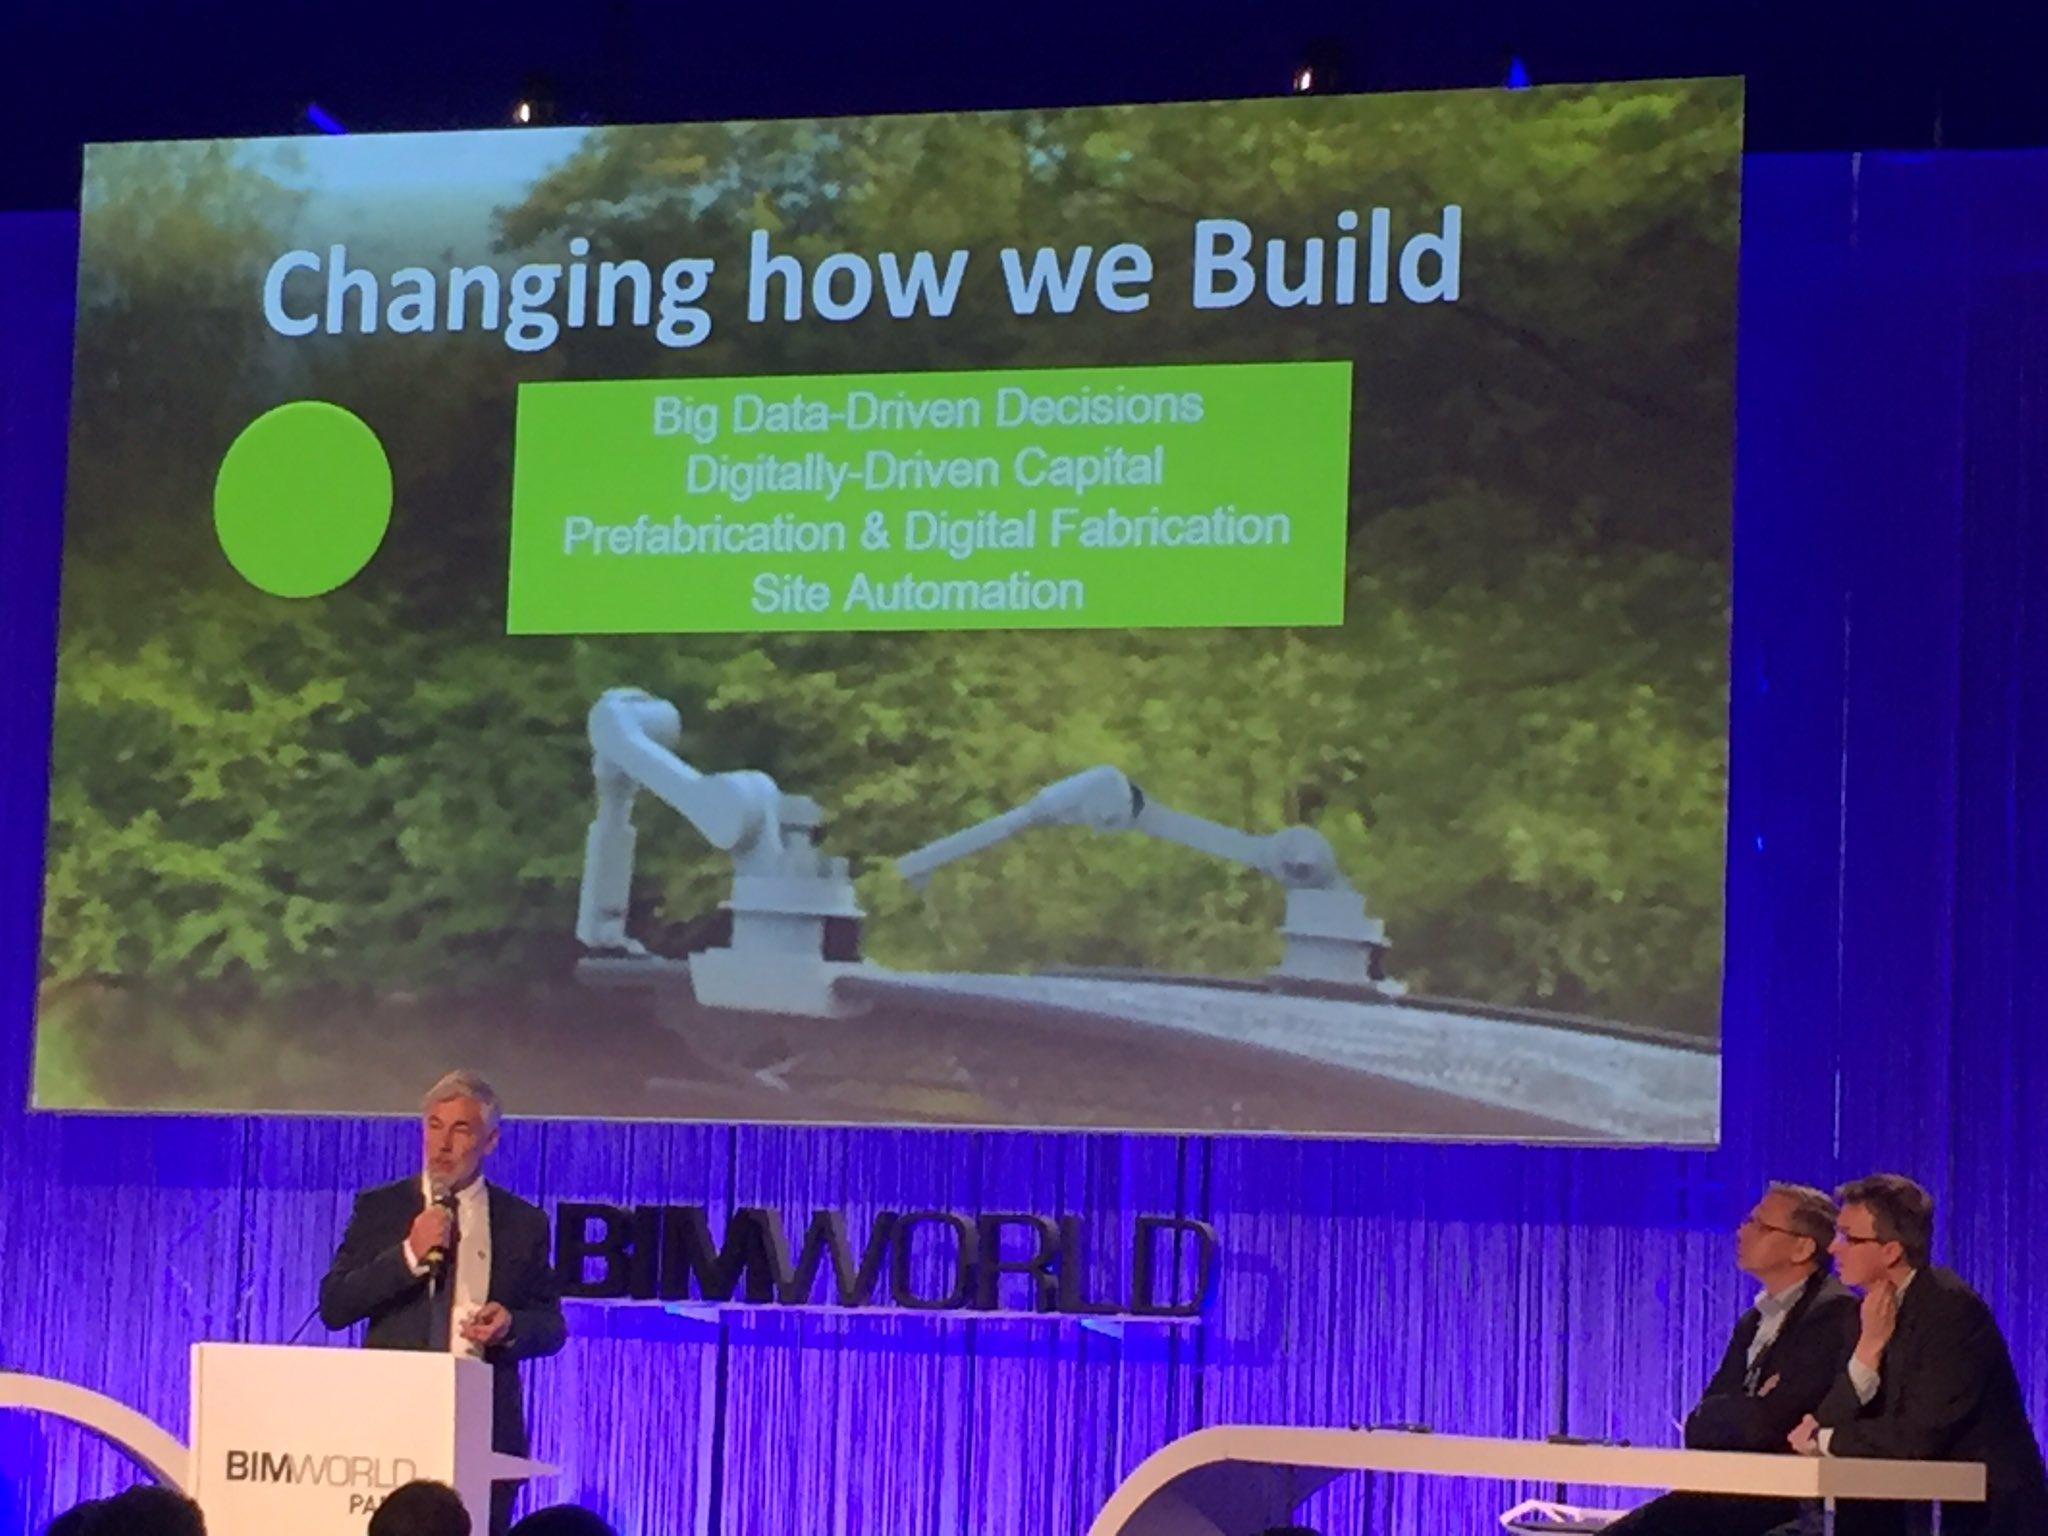 """""""Notre façon de fabriquer est en train de changer : scan laser, drone, robot..."""" Uwe Wasserman #BIMworld #BTP https://t.co/IFrFcOlSWS"""